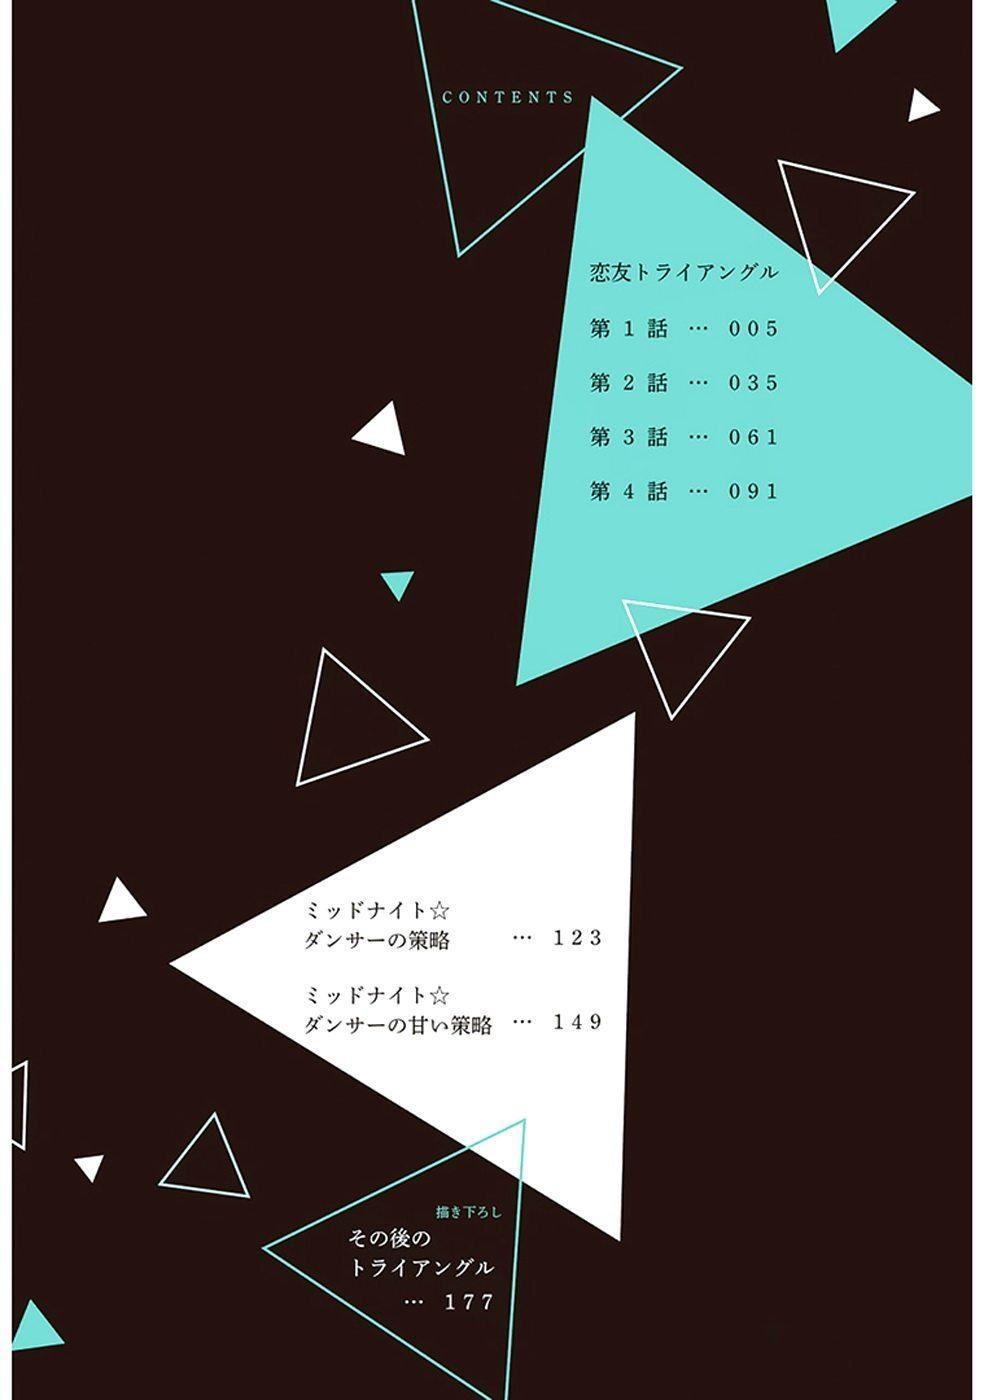 Koitomo Triangle 2